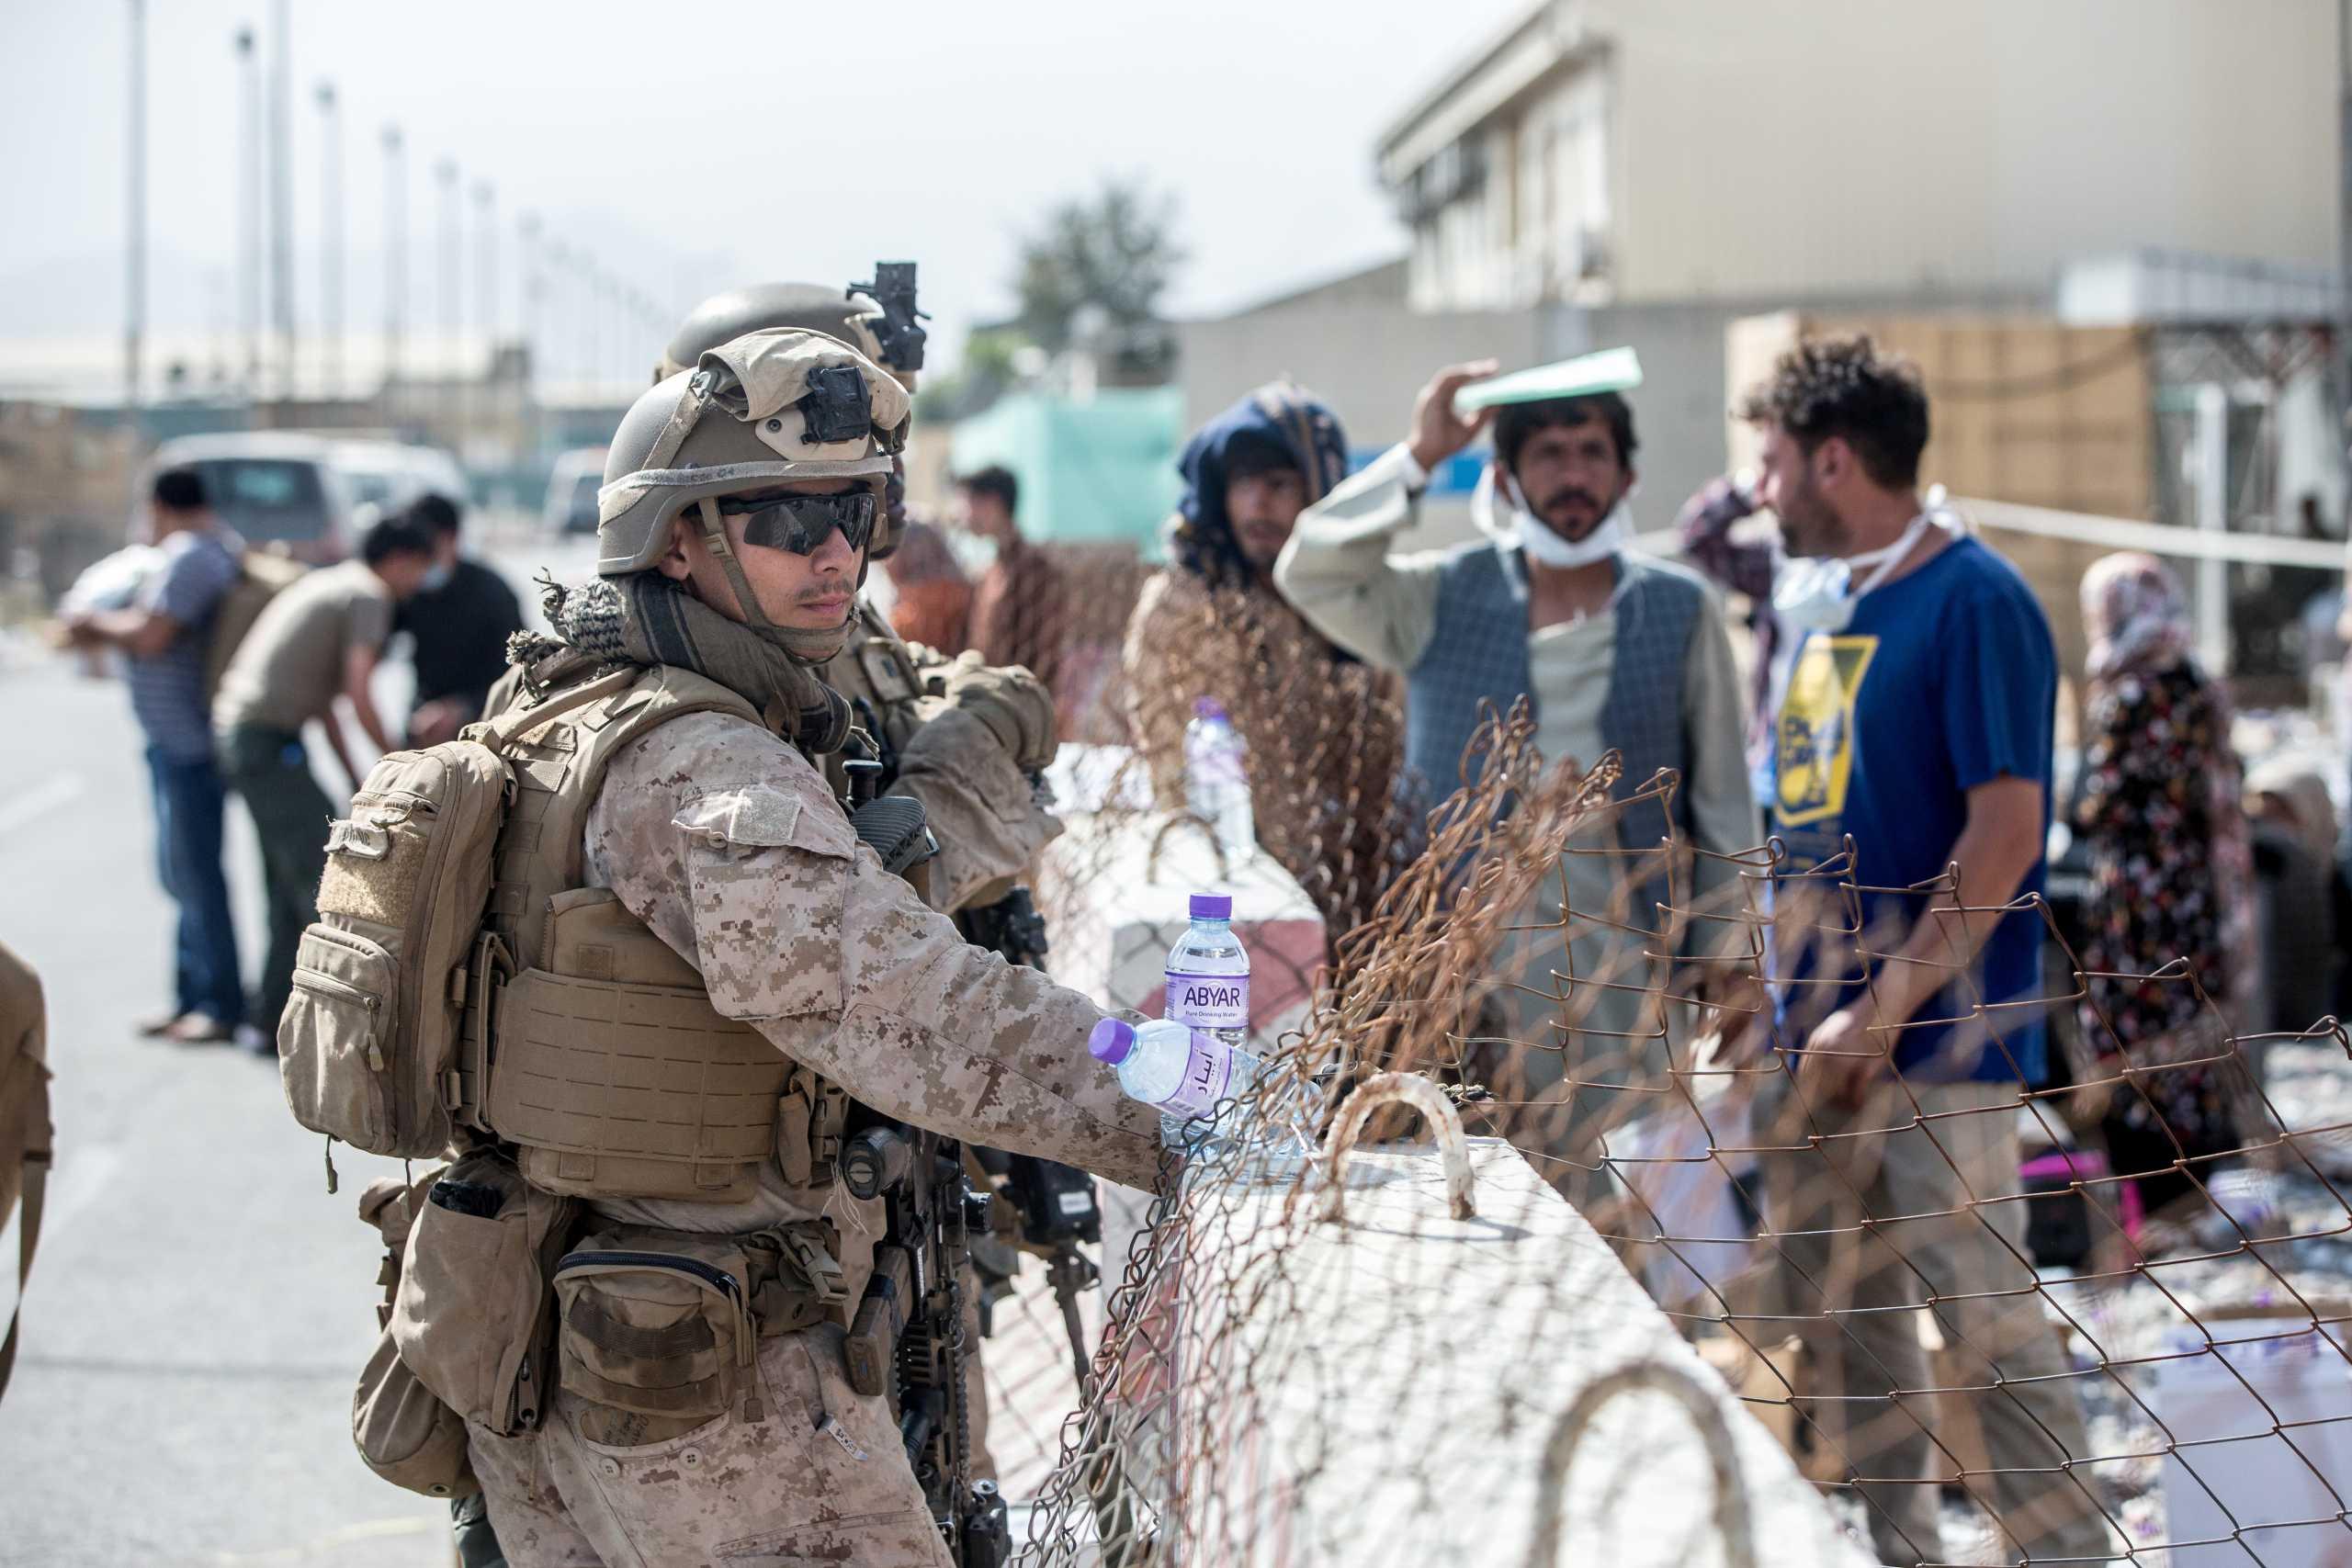 Αφγανιστάν: Δεν έχει ζητηθεί παράταση για αποχώρηση των ξένων δυνάμεων λένε οι Ταλιμπάν